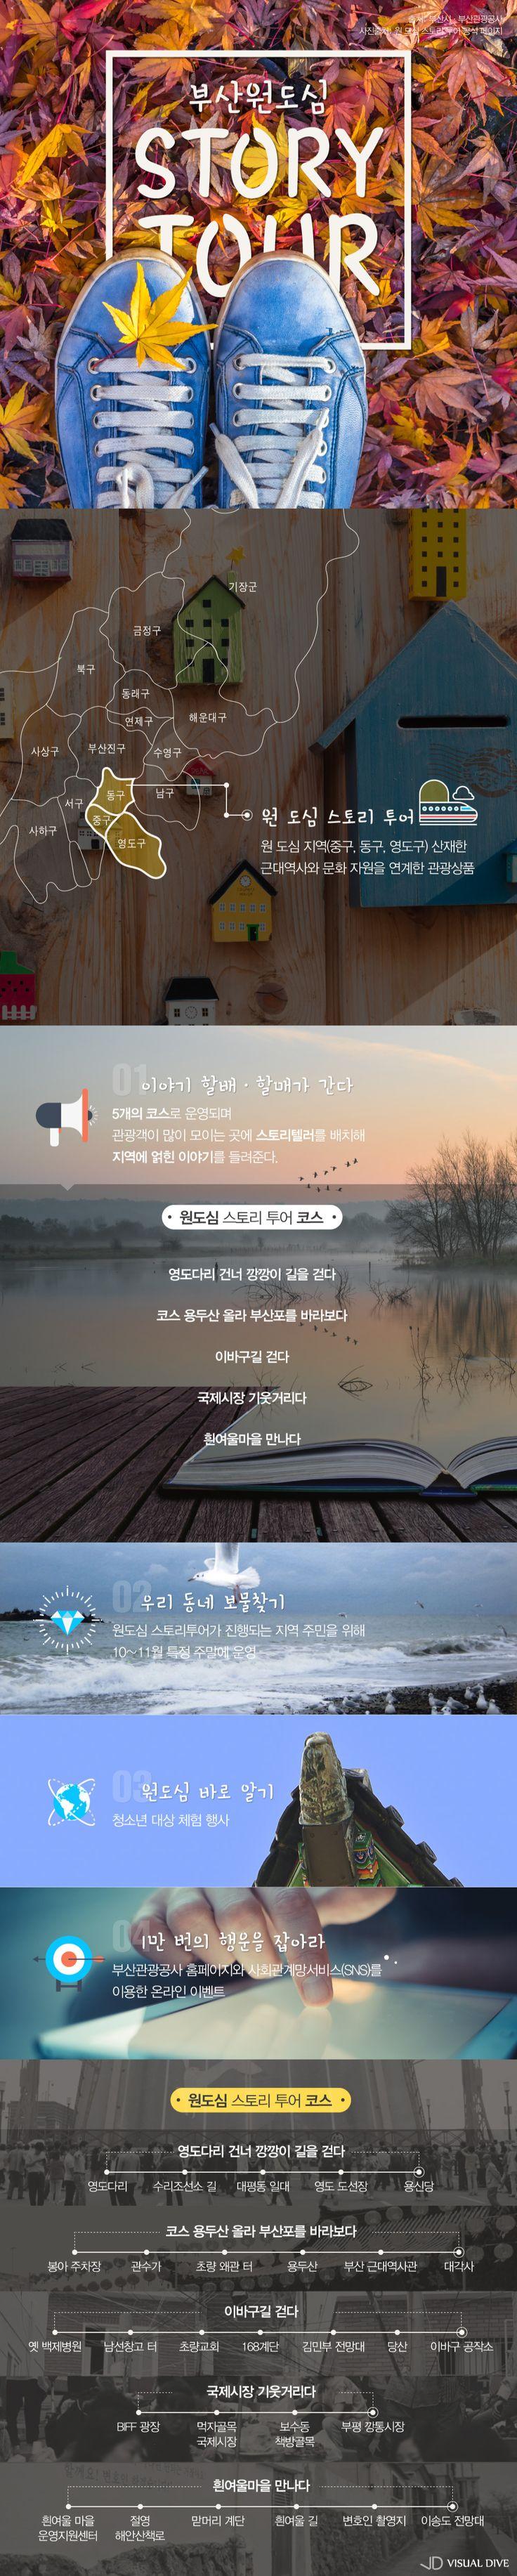 가을, 부산에서 즐겨볼까?…'원도심 스토리 투어' [인포그래픽] #Tour / #Infographic ⓒ 비주얼다이브 무단 복사·전재·재배포…